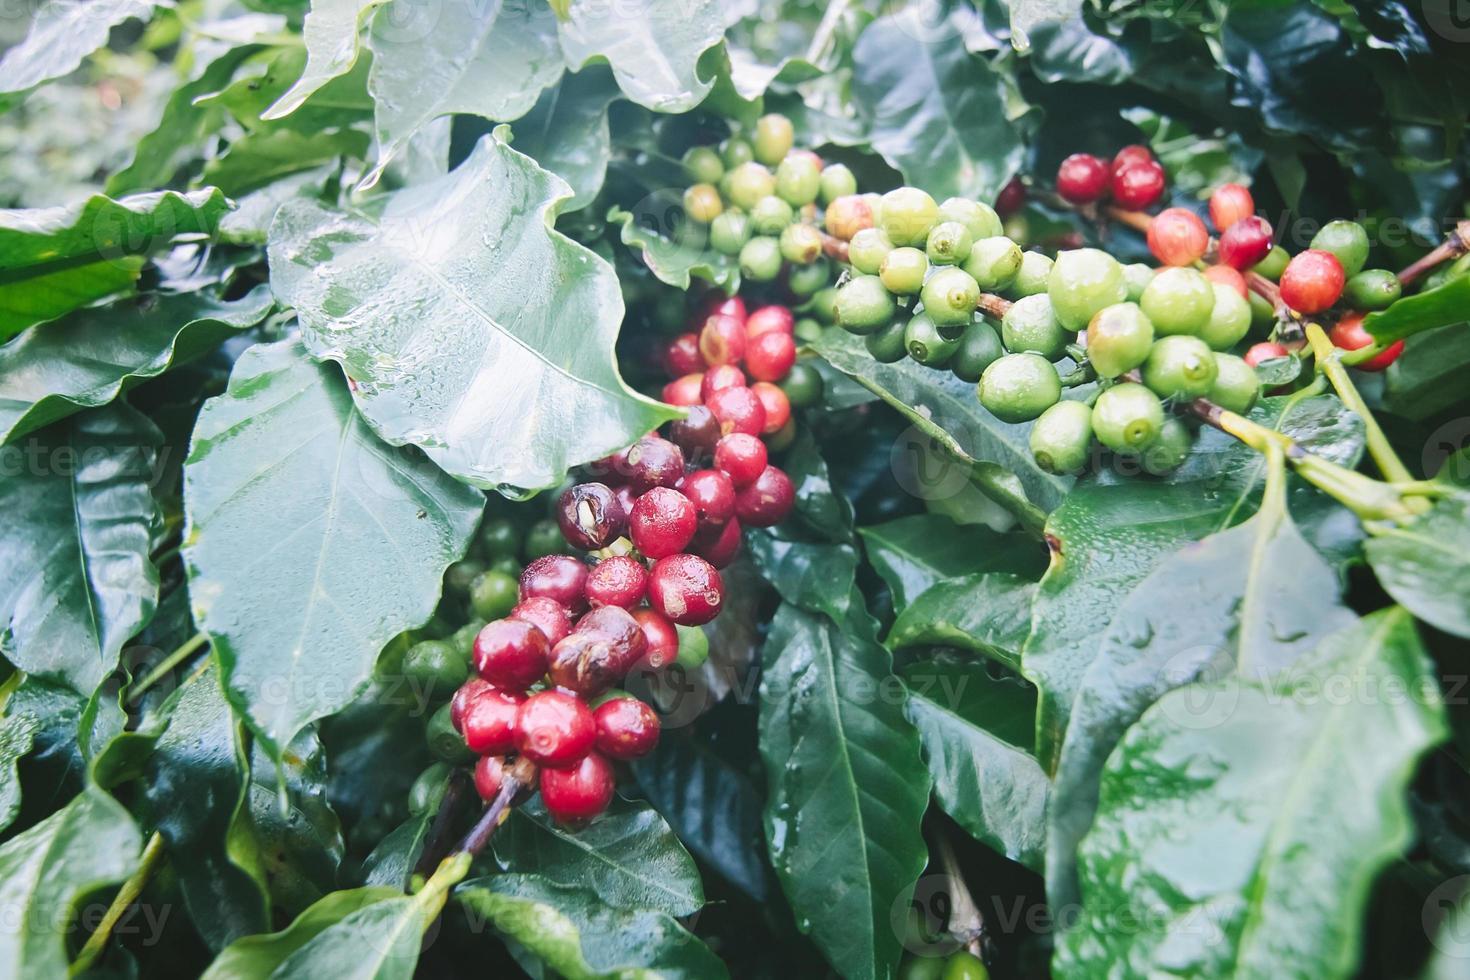 pianta del caffè con bacche mature in fattoria. foto